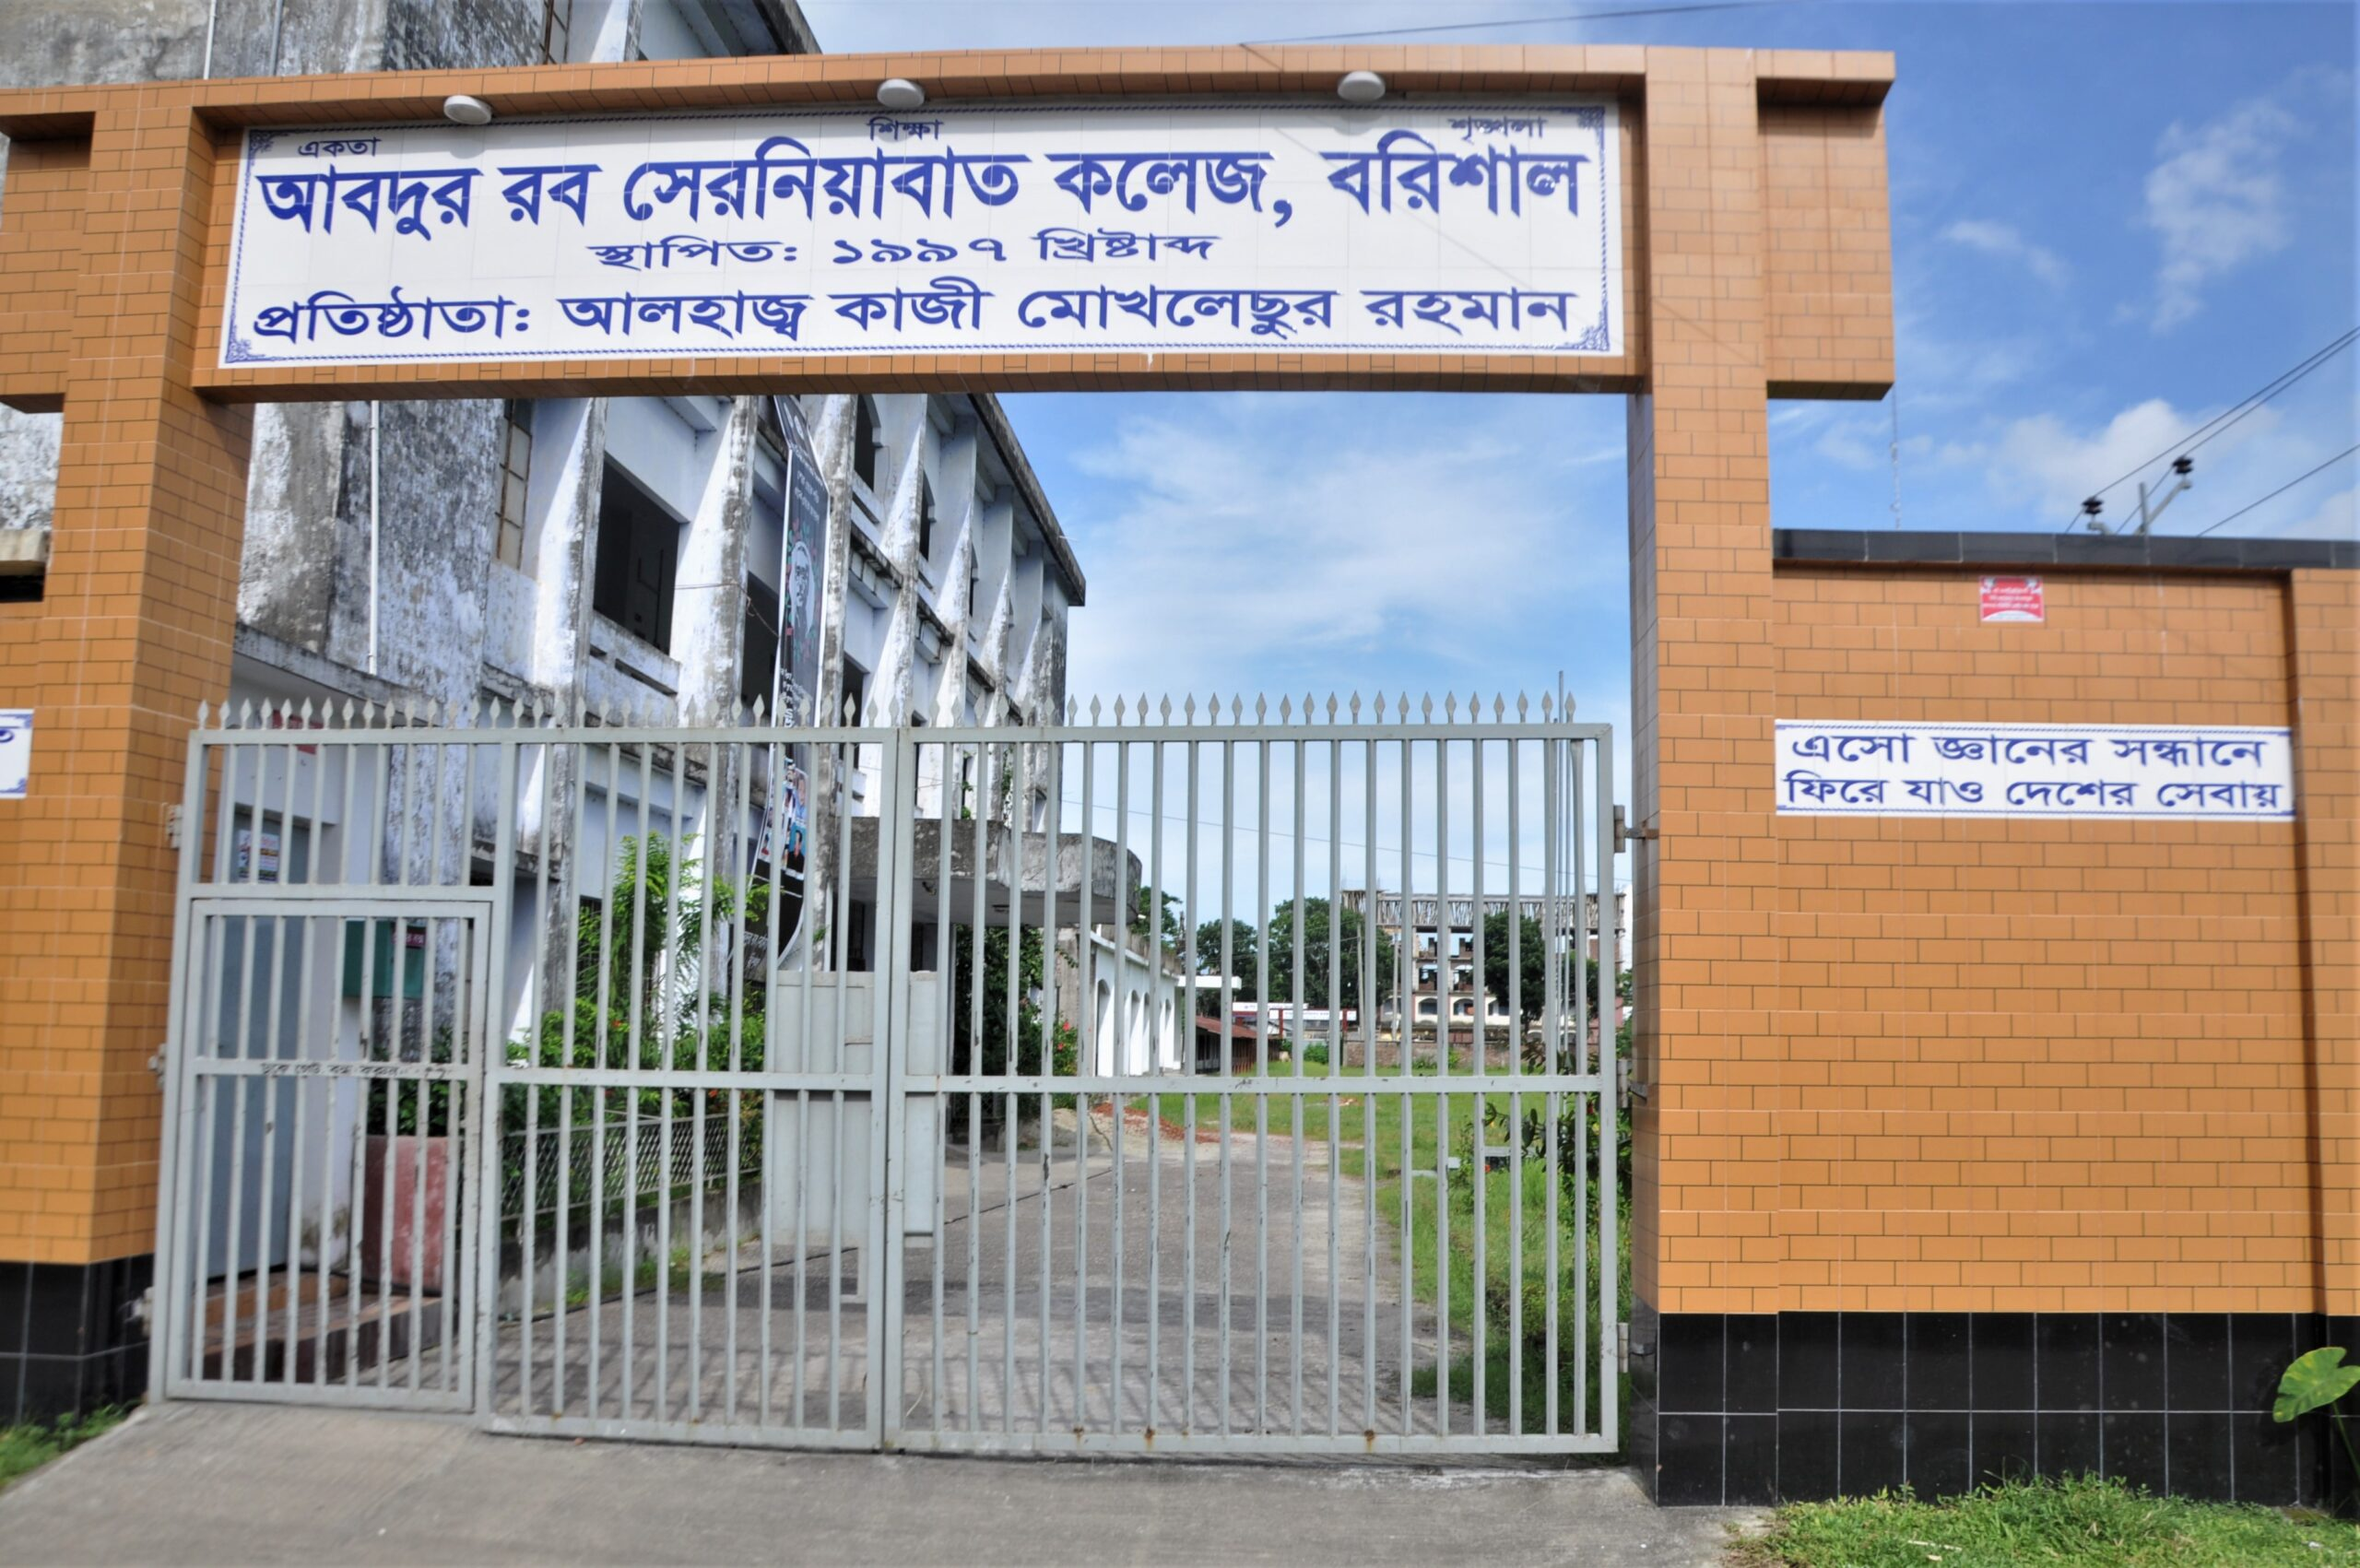 সরকারী হল বরিশাল আব্দুর রব সেরনিয়াবাত কলেজ